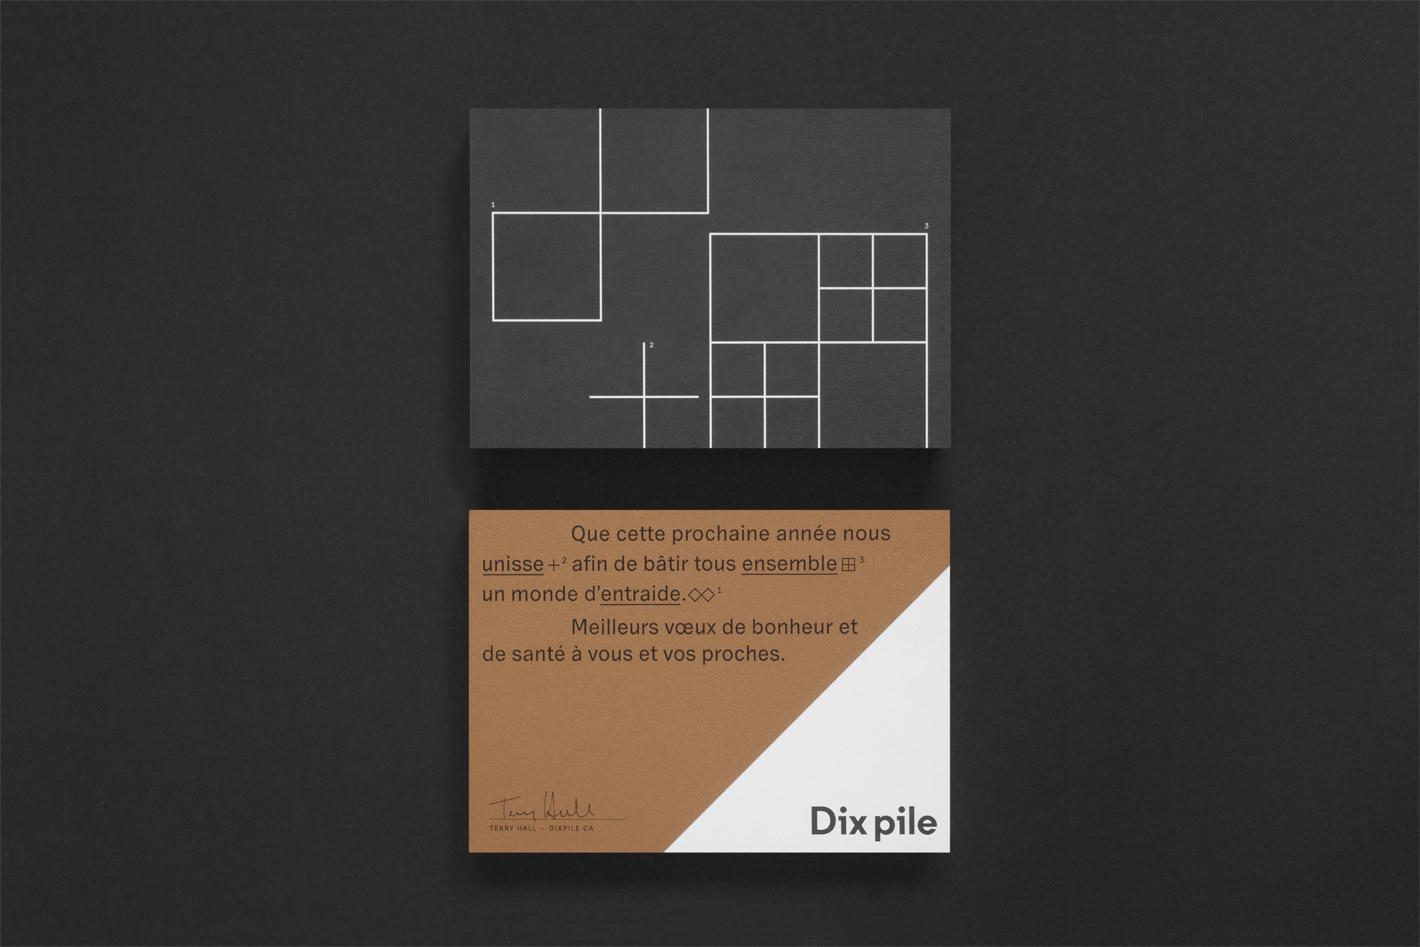 Figure-Jeremy-Hall-Design-Graphique-Logo-Branding-Image-De-Marque-Quebec-Dix-Pile-Comptabilite-Administration-Pharmacie-7.jpg